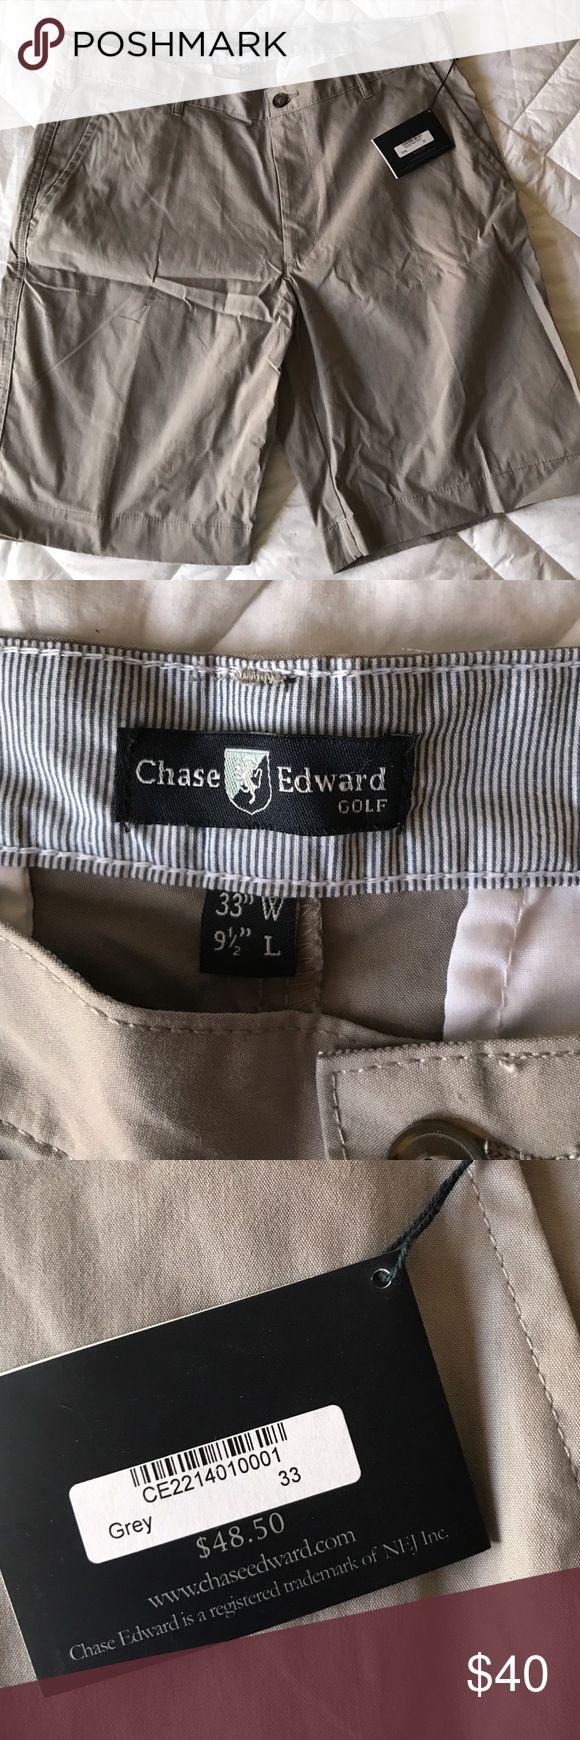 Chase Edward gray chino shorts Men's chino shorts, new with tags. Shorts